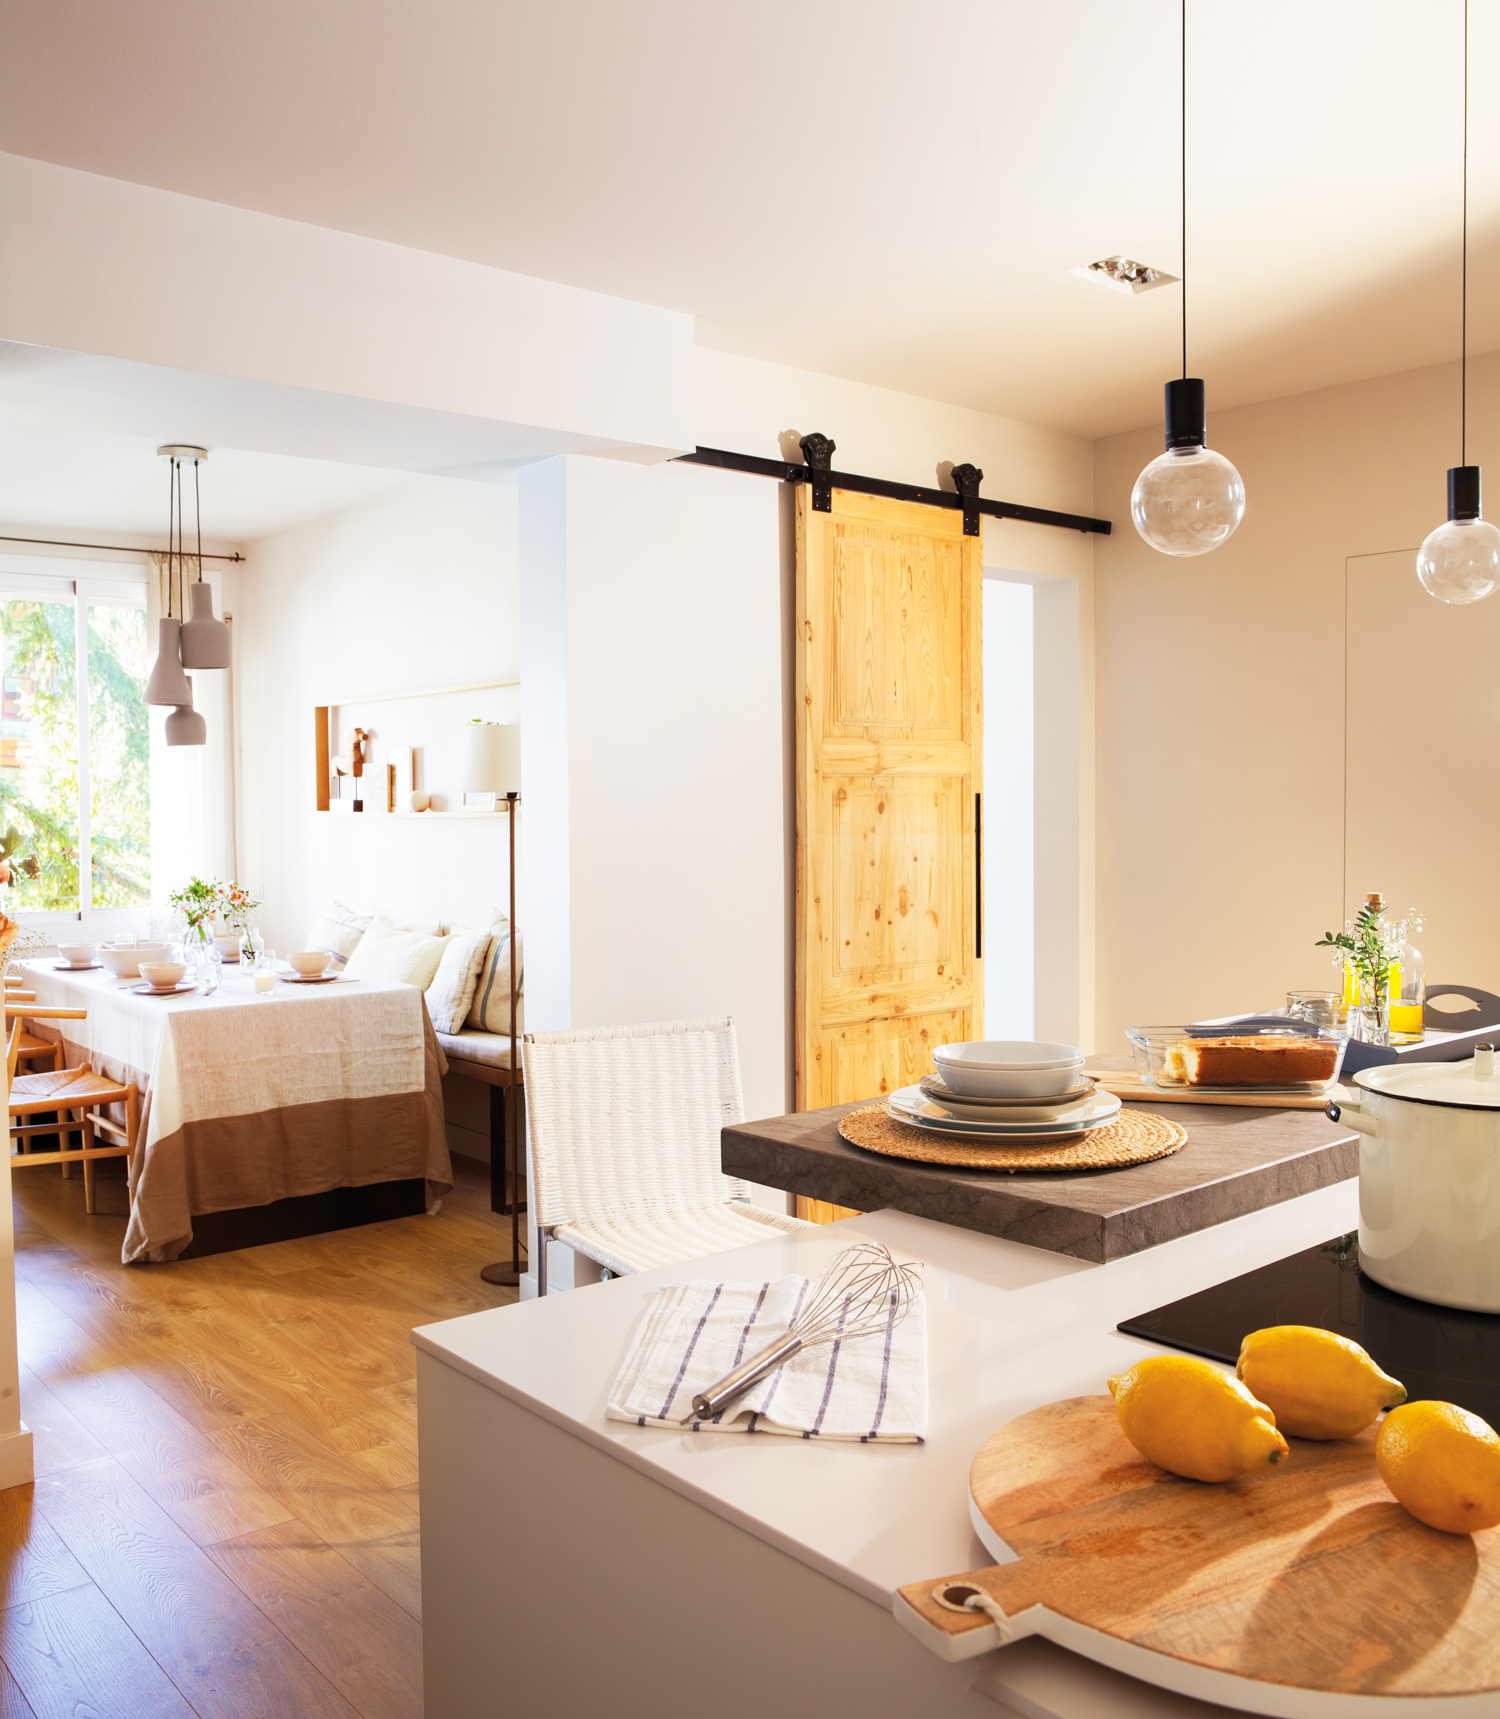 Puertas correderas para evitar barreras y ahorrar espacio for Dividir cocina comedor